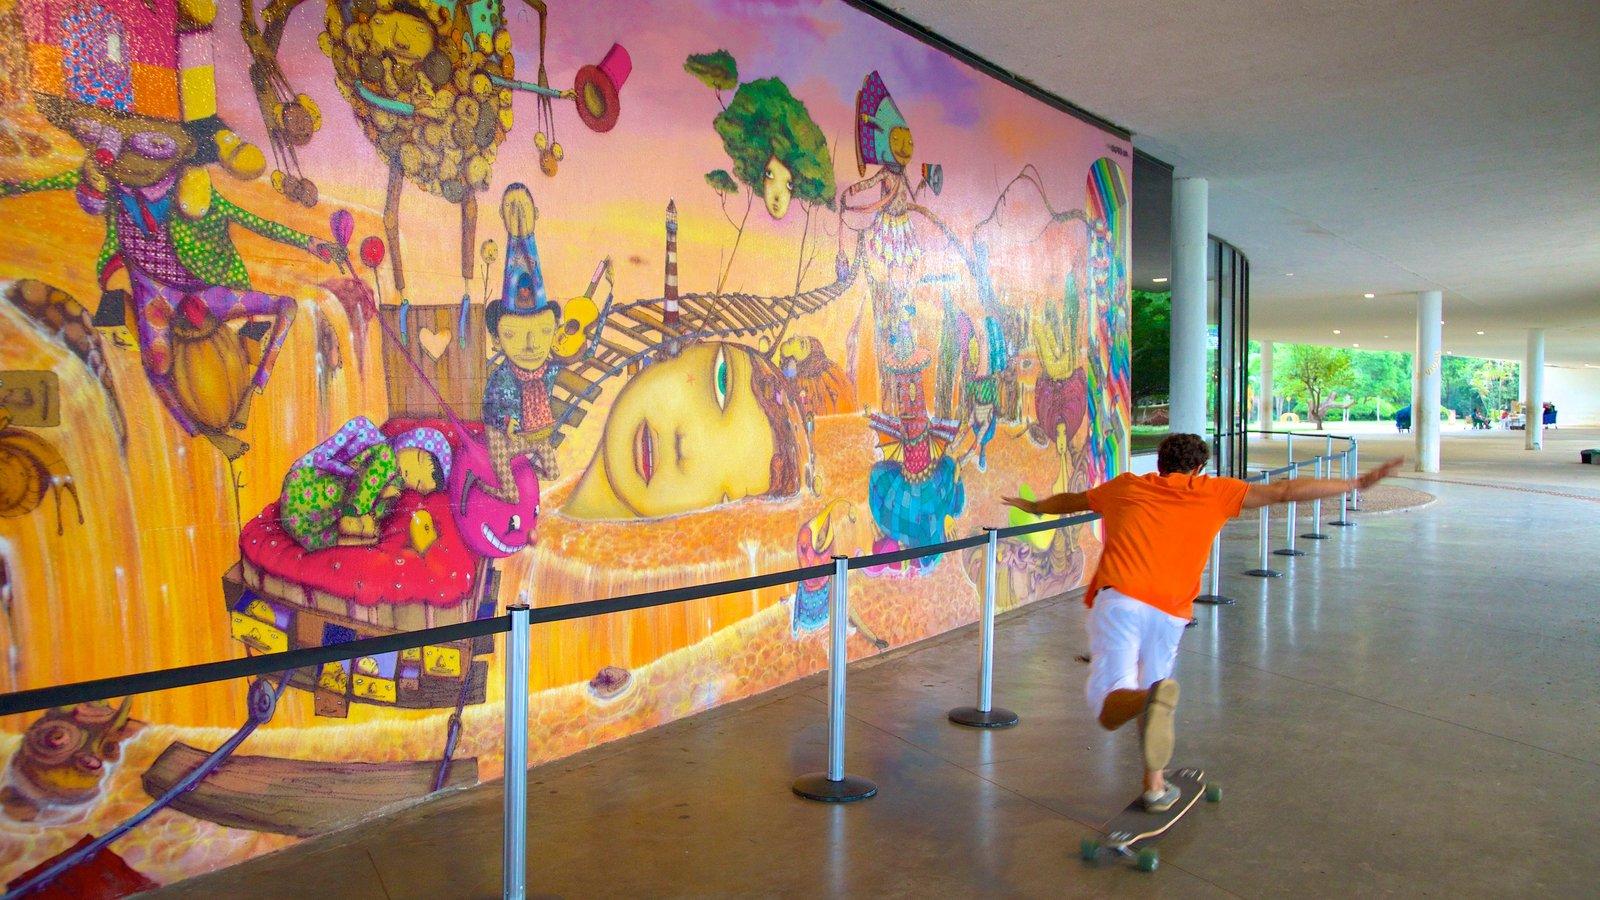 Parque do Ibirapuera mostrando arte e vistas internas assim como uma criança sozinha